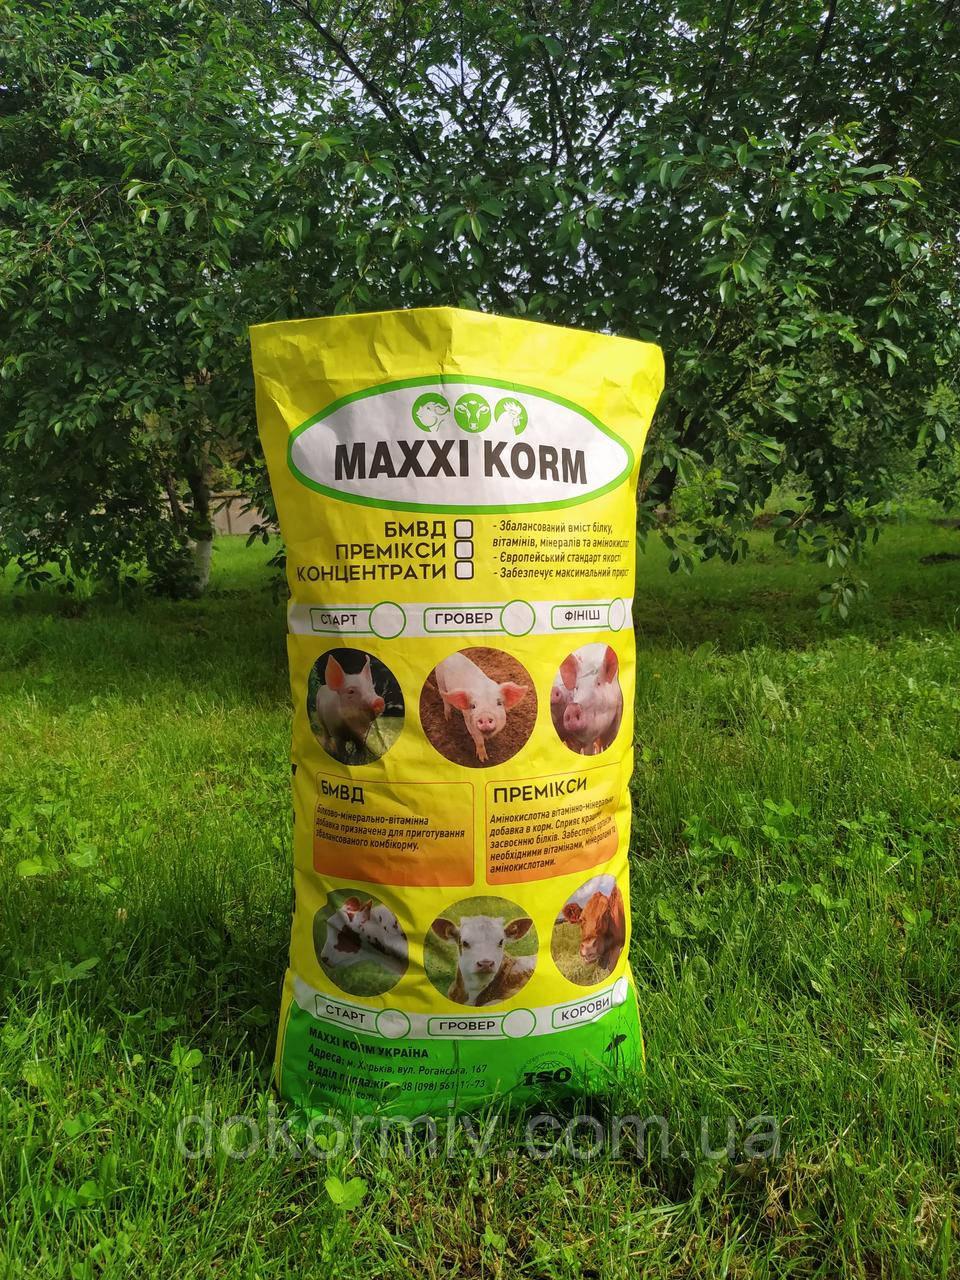 БМВД MAXXI KORM 15% для кроликов